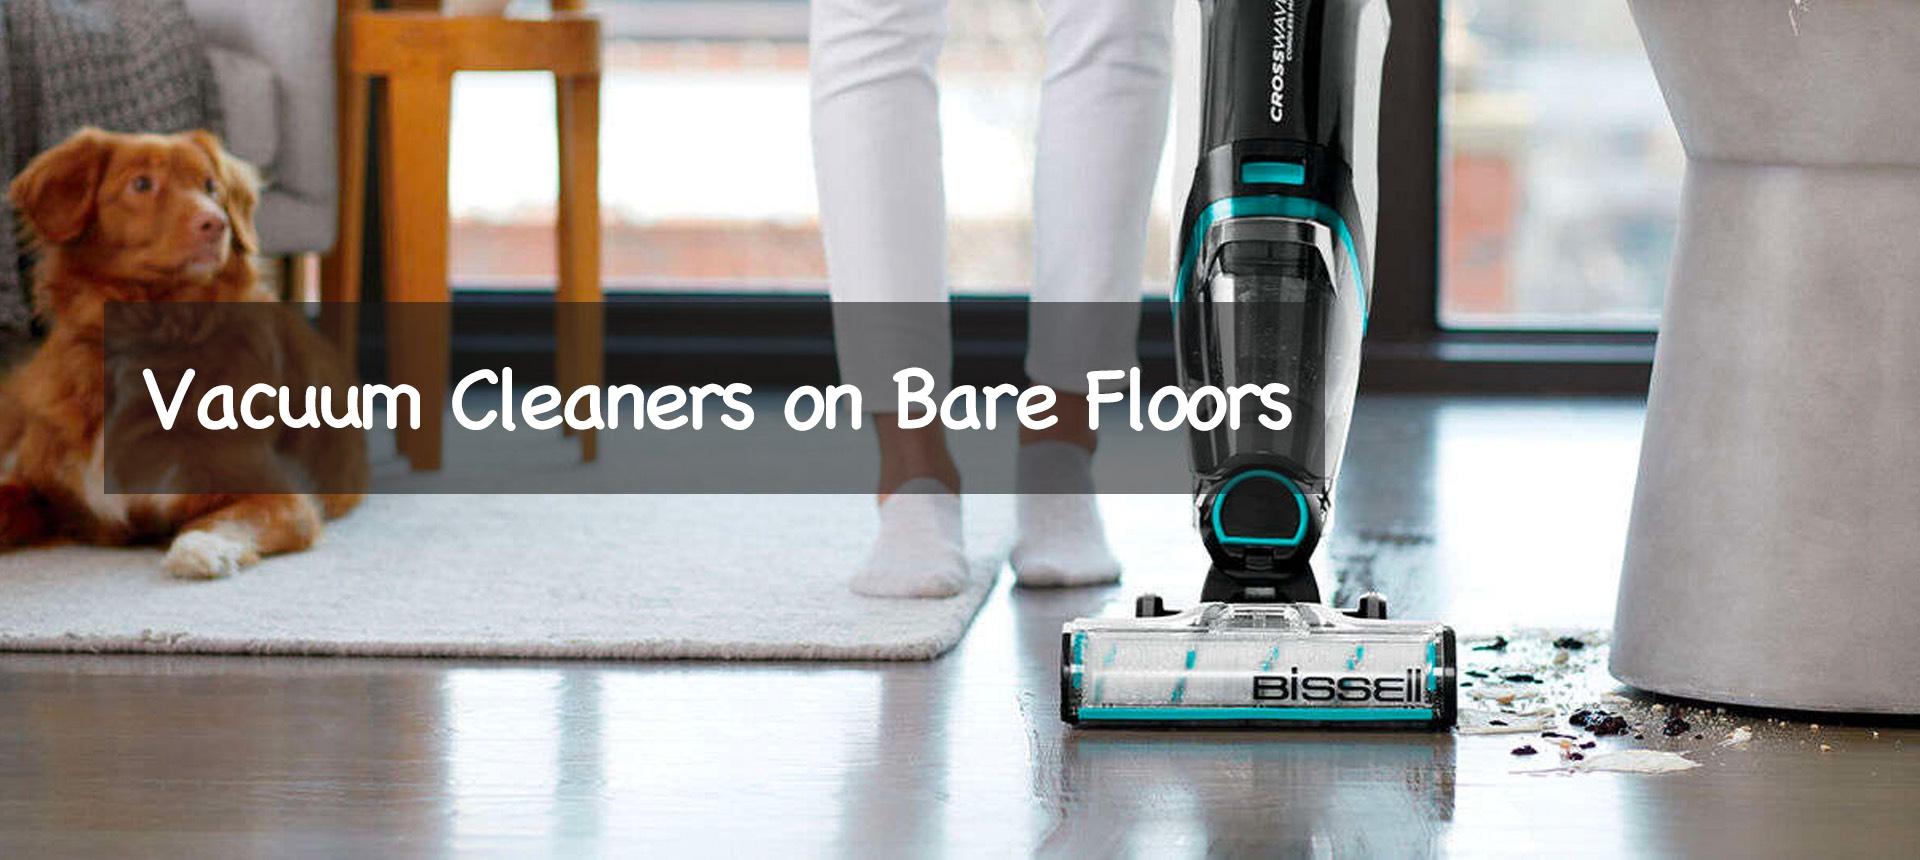 Vacuum Cleaners on Bare Floors